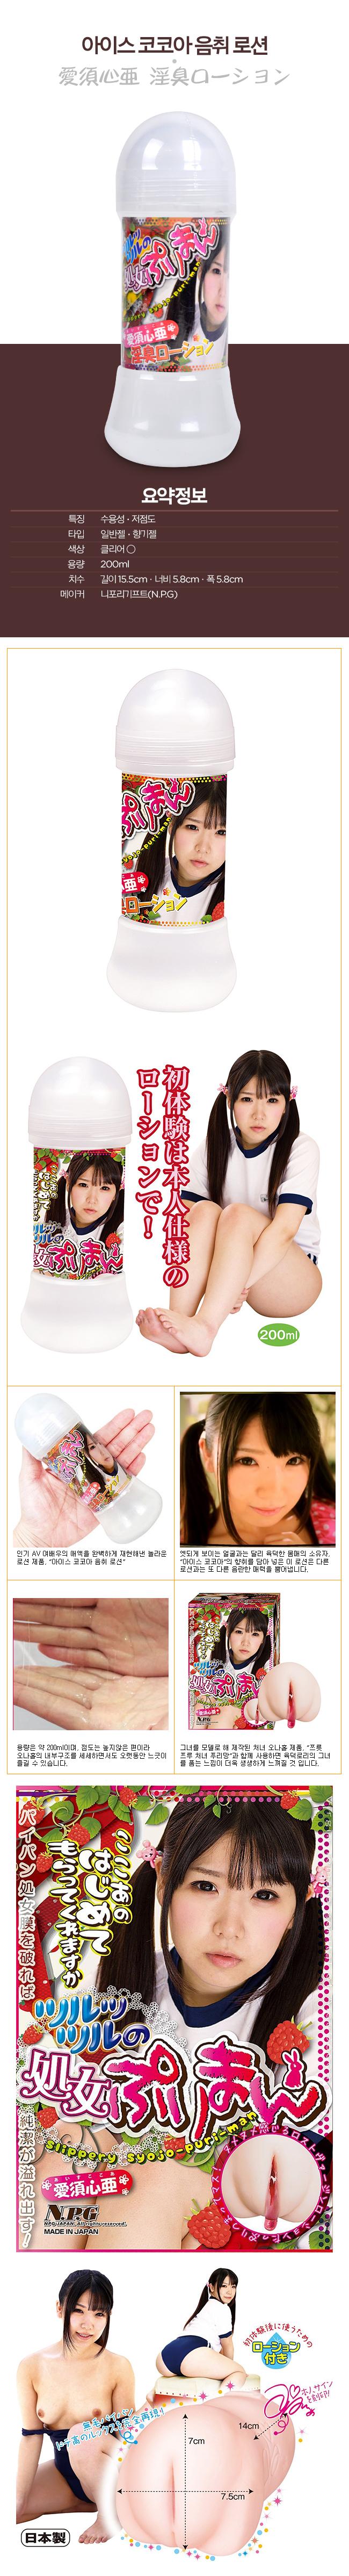 [일본 직수입] 아이스 코코아 음취 로션 200ml(愛須心亜 淫臭ローション200ml)